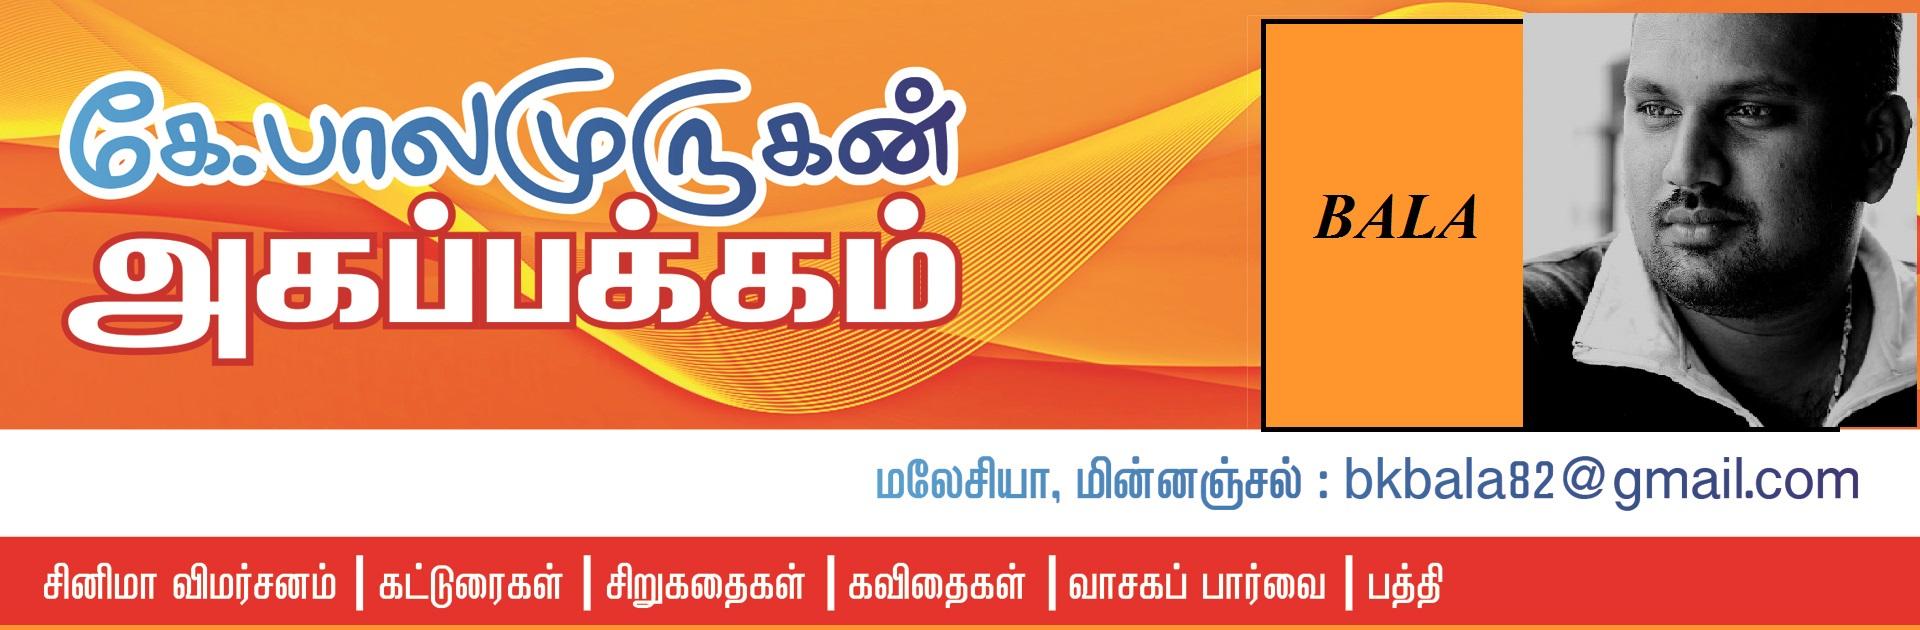 கே .பாலமுருகன் logo